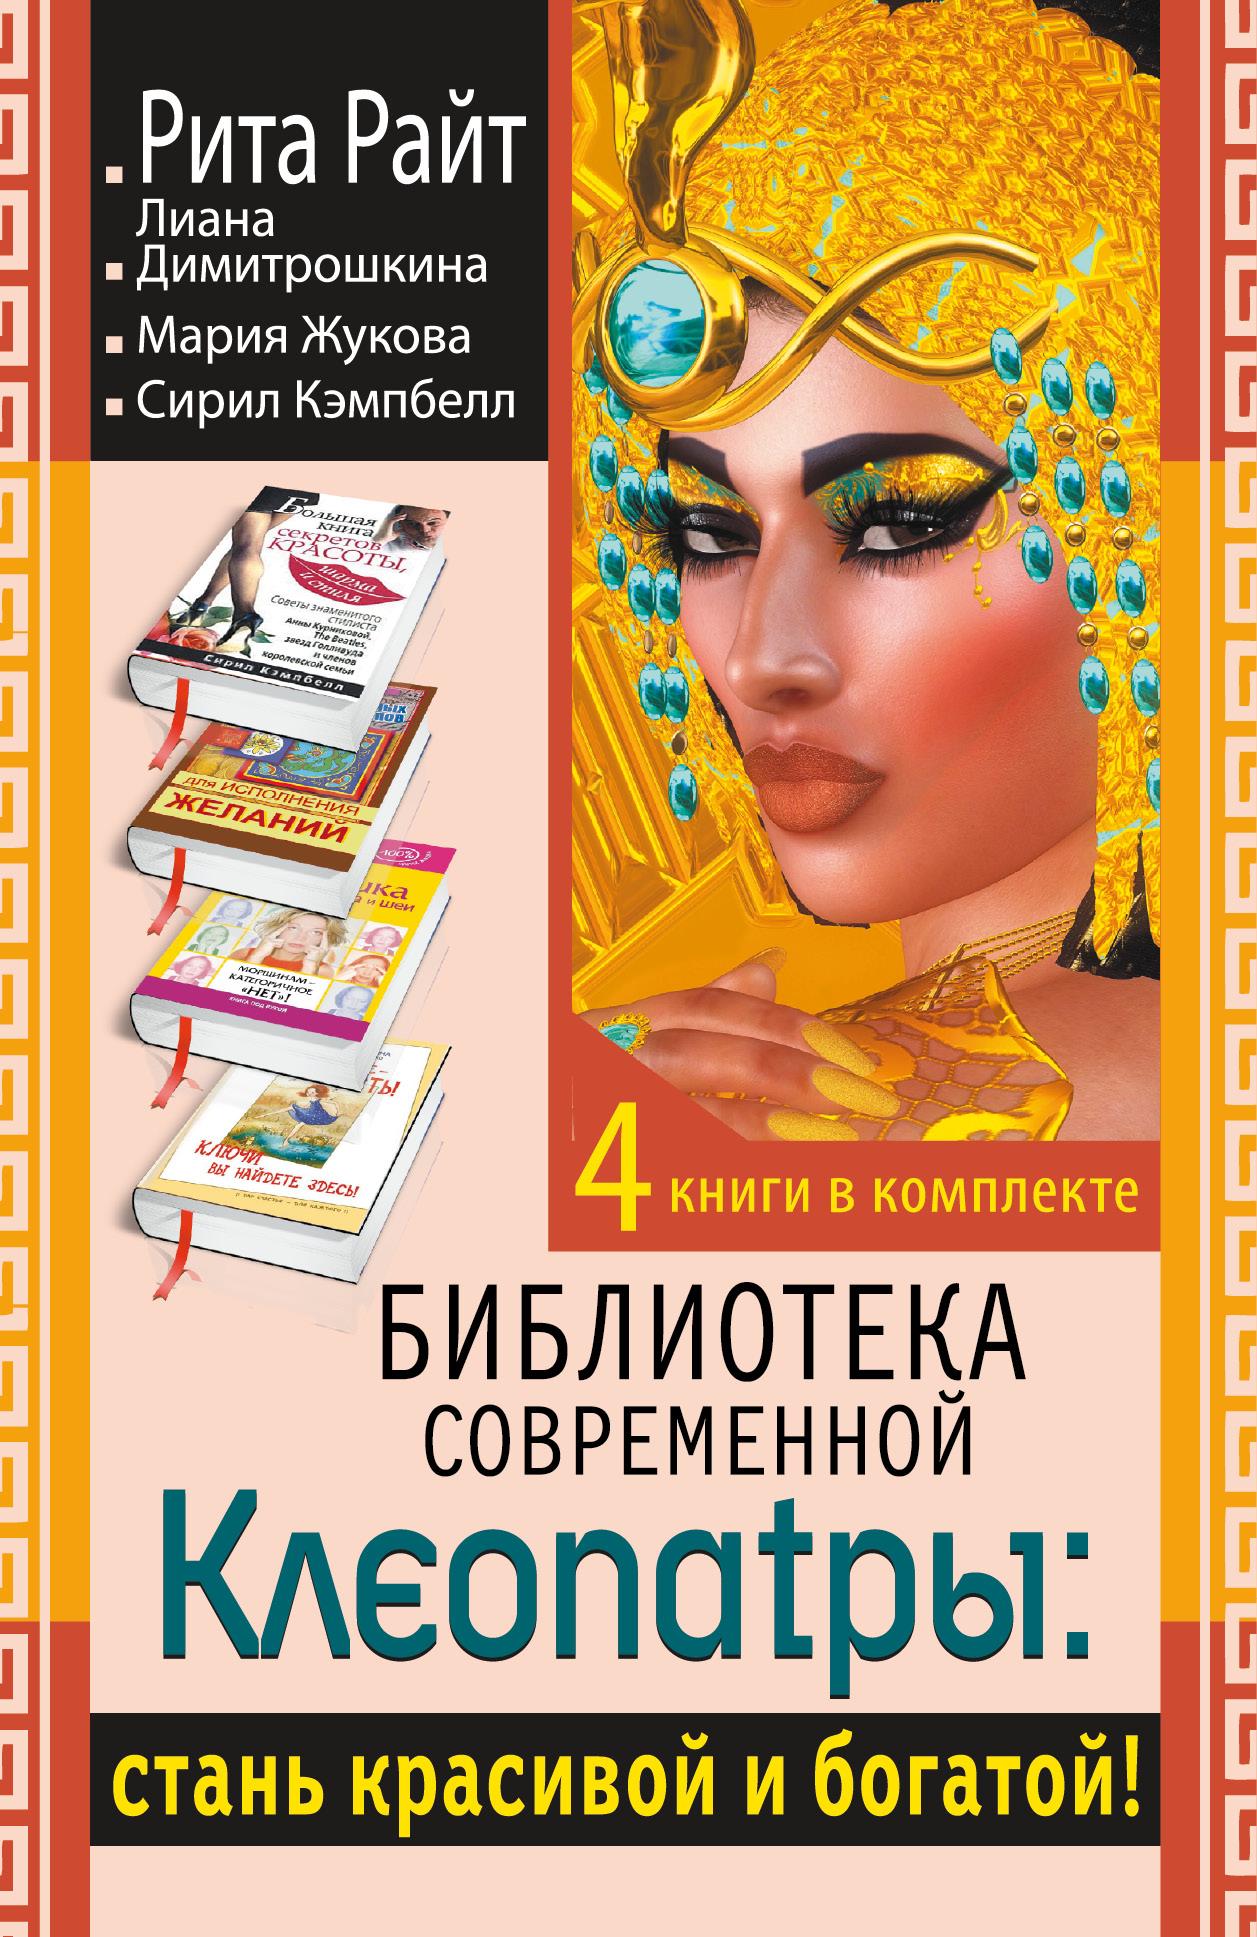 Рита Райт, Мария Жукова, Сирил Кэмпбелл, Лиана Димитрошкина Библиотека современной Клеопатры: стань красивой и богатой!